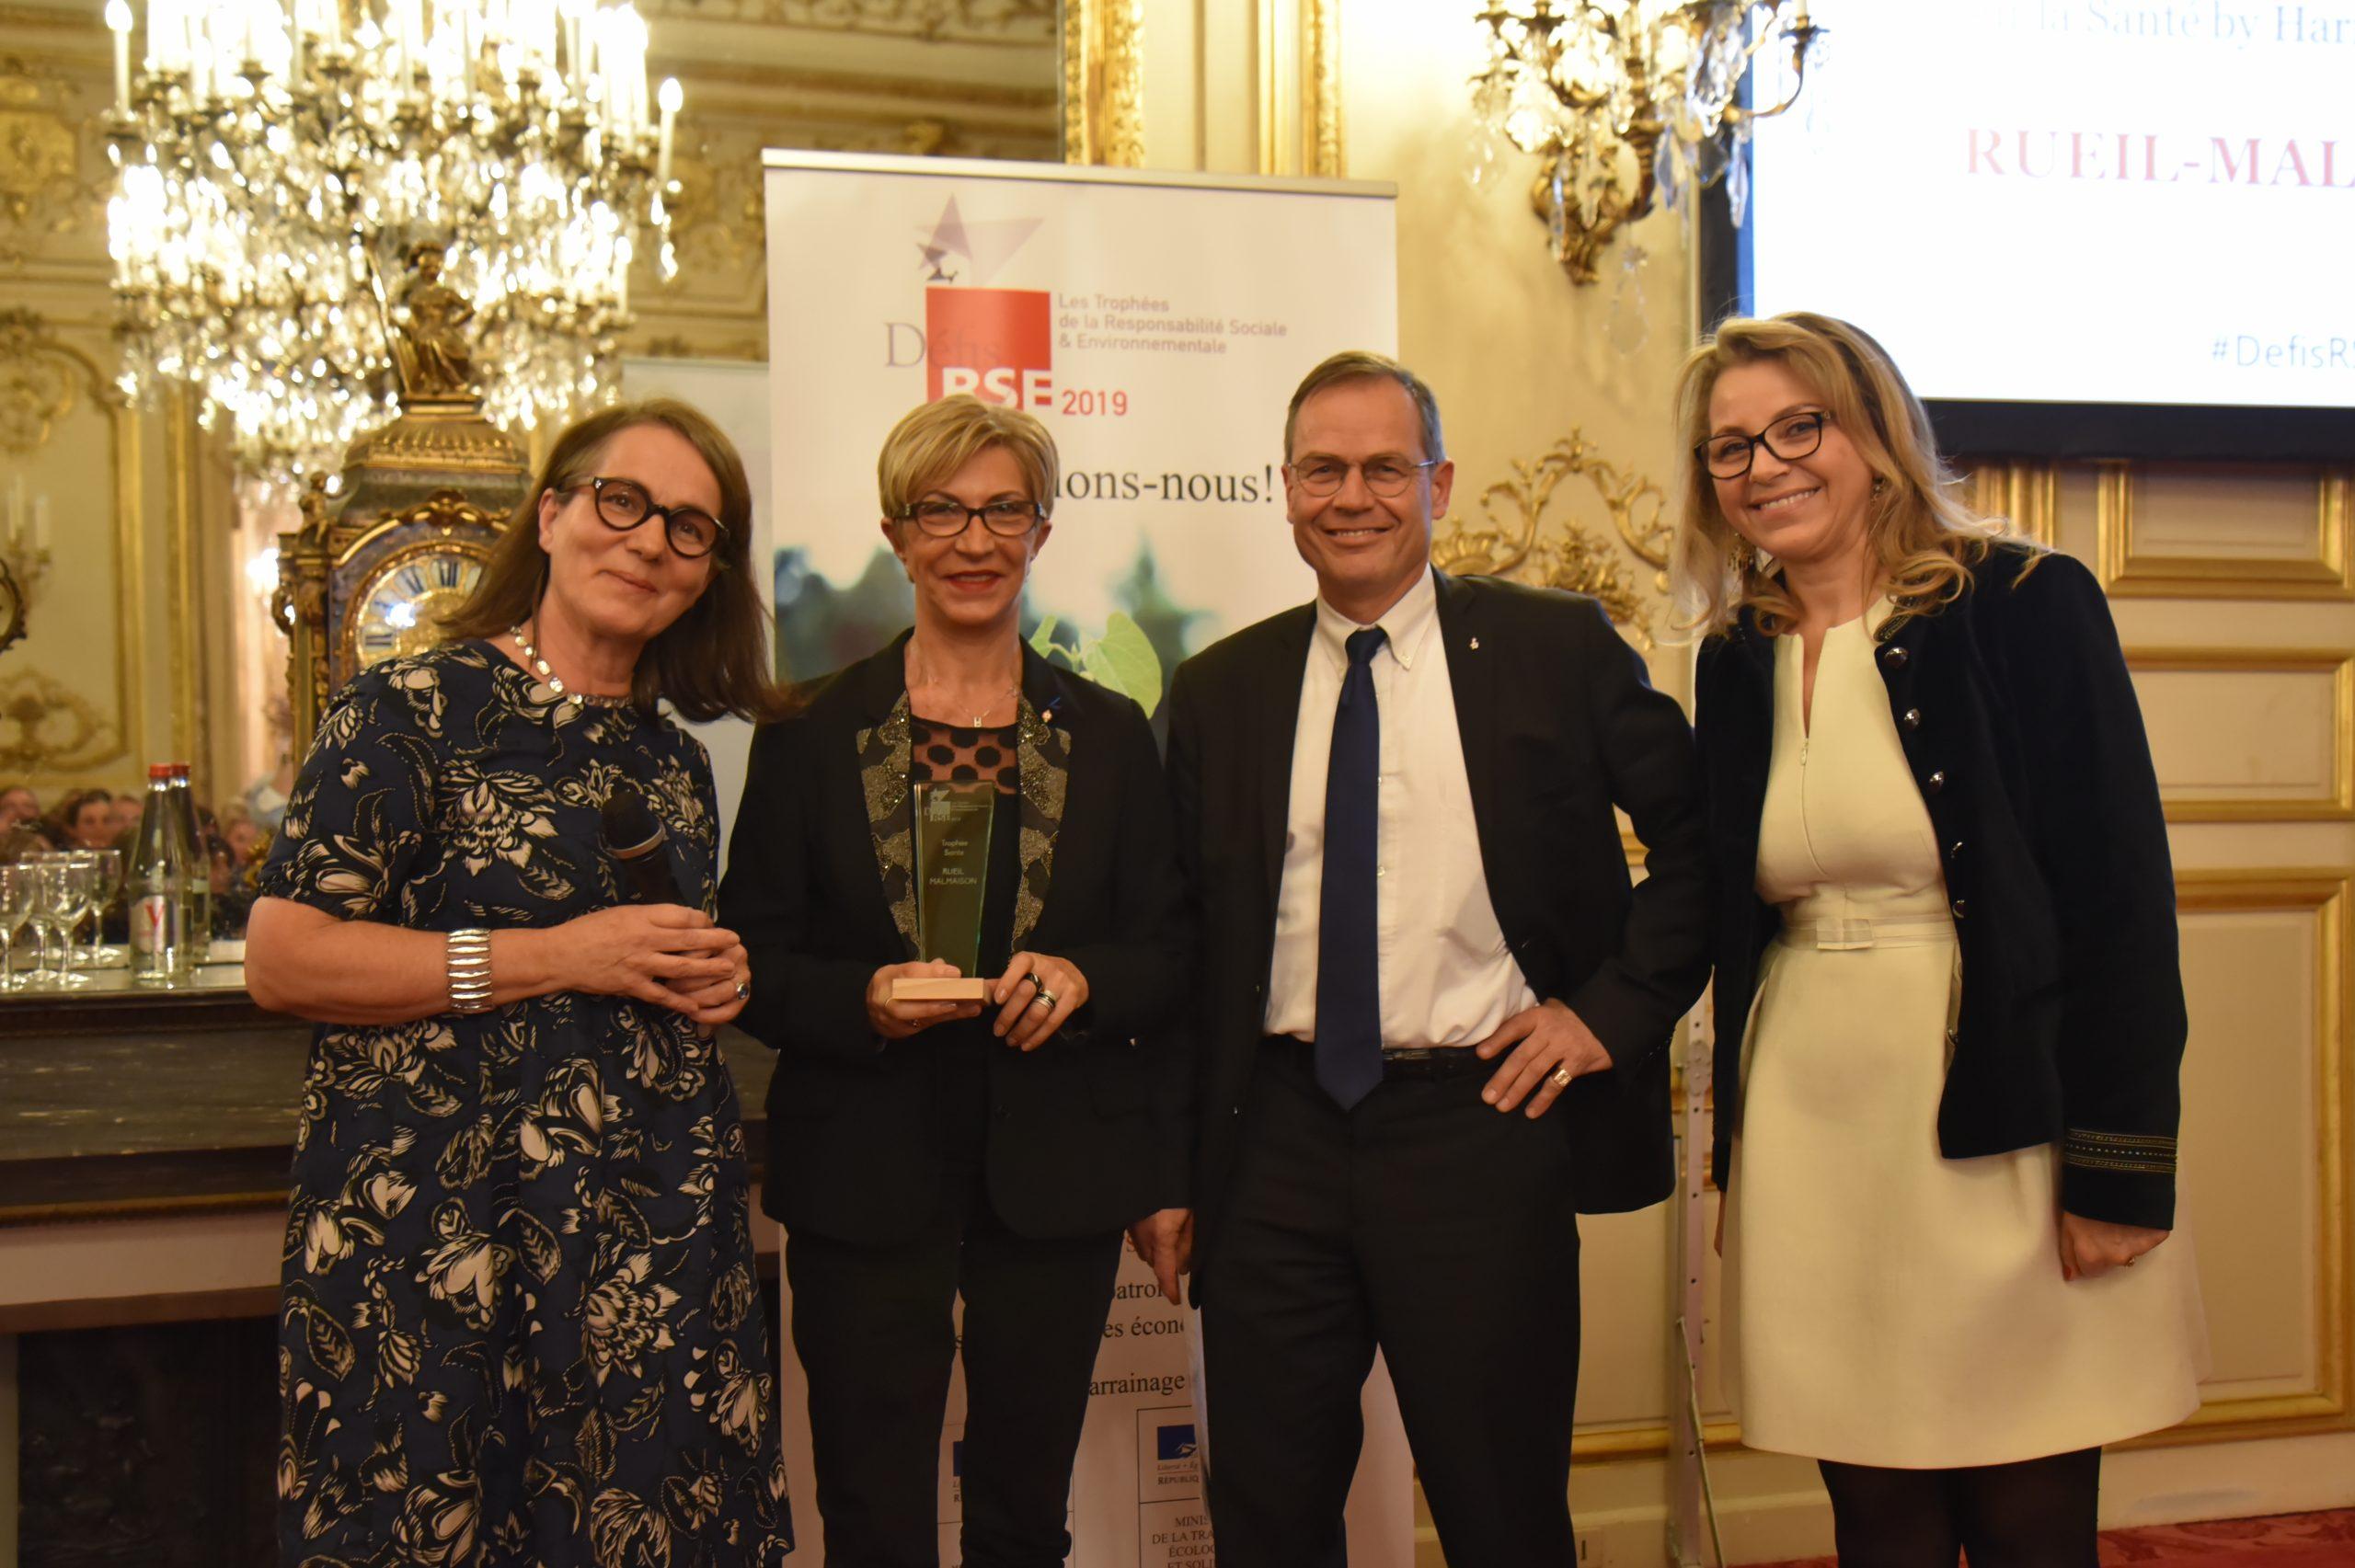 Trophée Défis RSE 2019 Santé : Remettant : Marie-Pierre Le Breton, Harmonie Mutuelle                                                                           Lauréat : RUEIL-MALMAISON, Andrée Genovesi et Philippe Langlois d'Estaintot